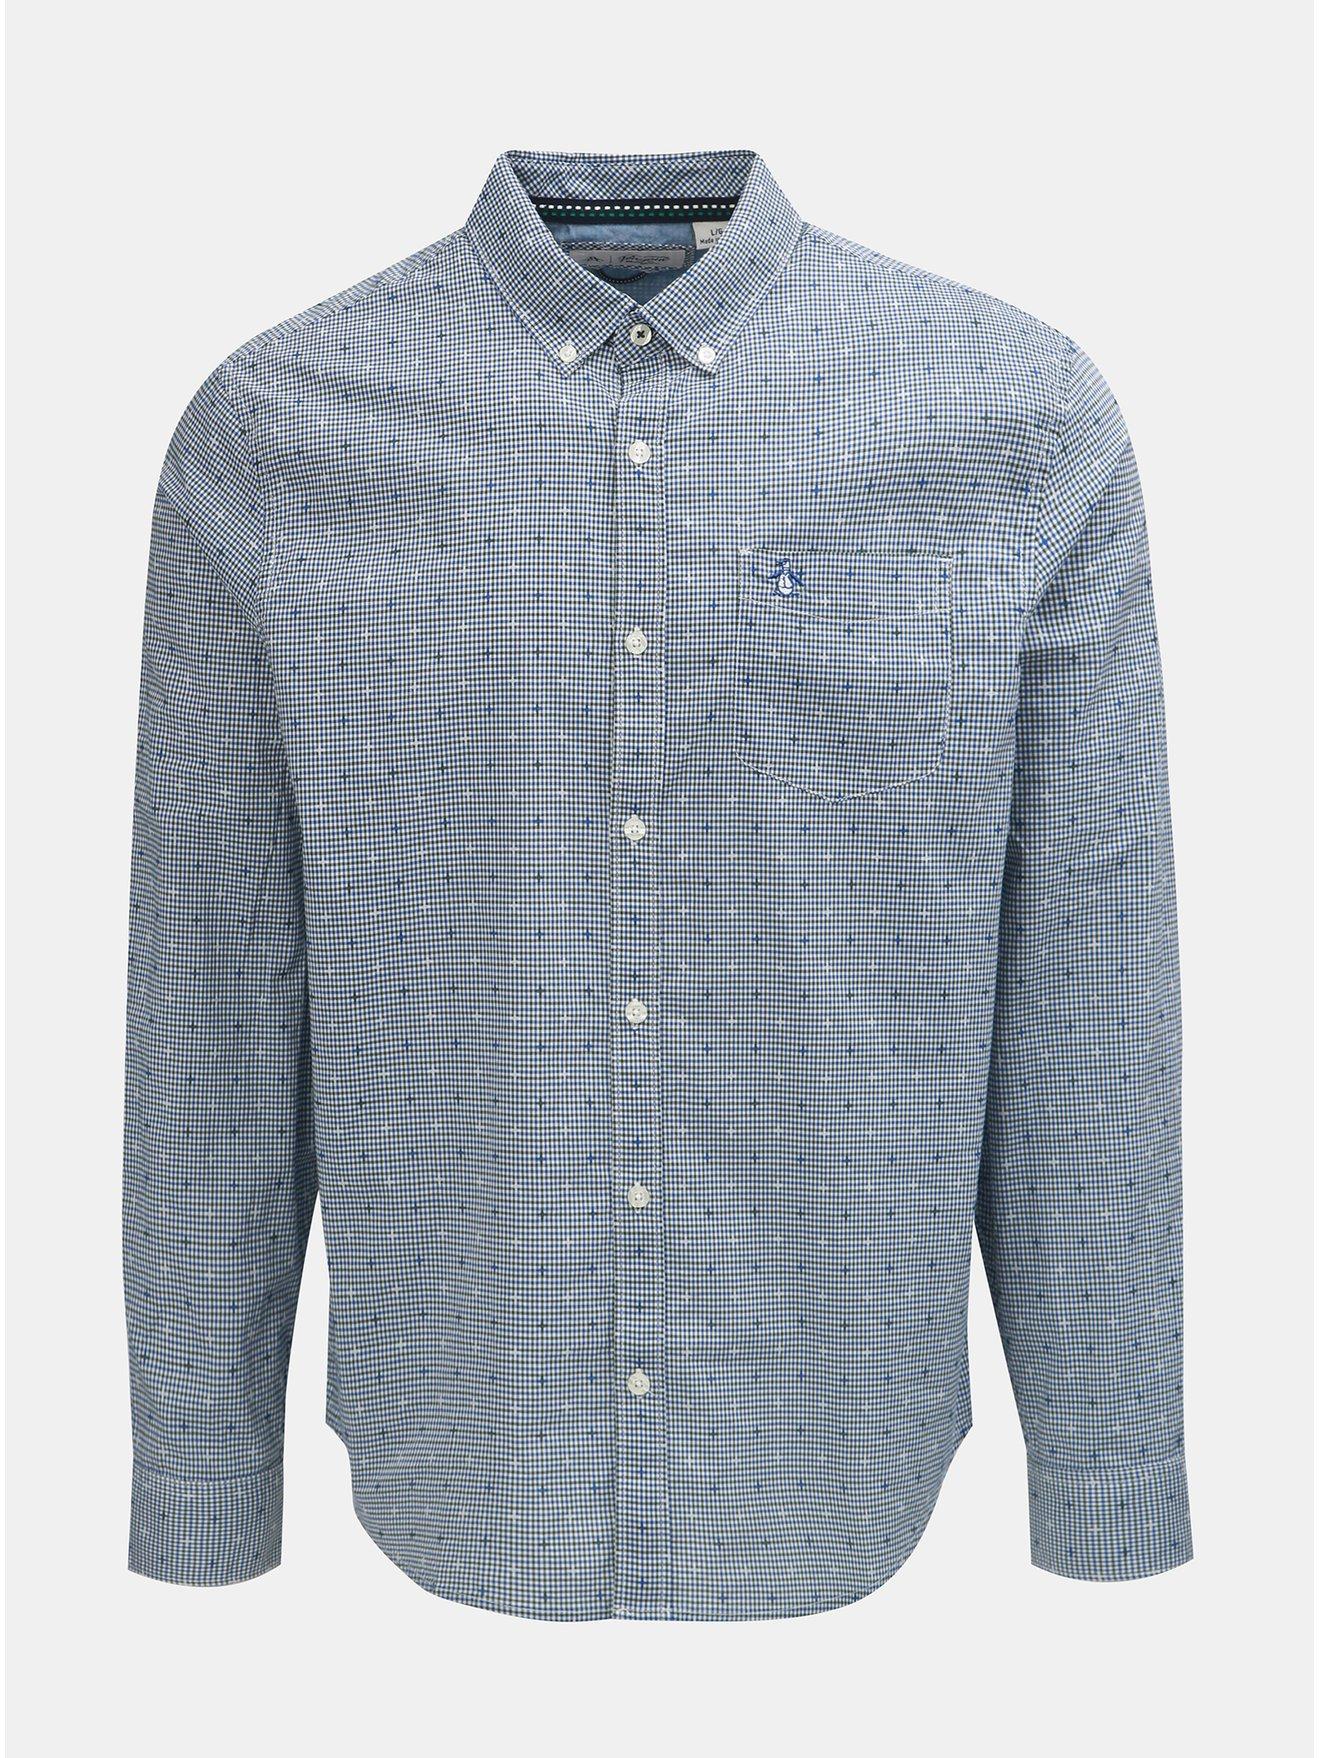 a7a78485bd6 Modrá kostkovaná košile s náprsní kapsou Original Penguin